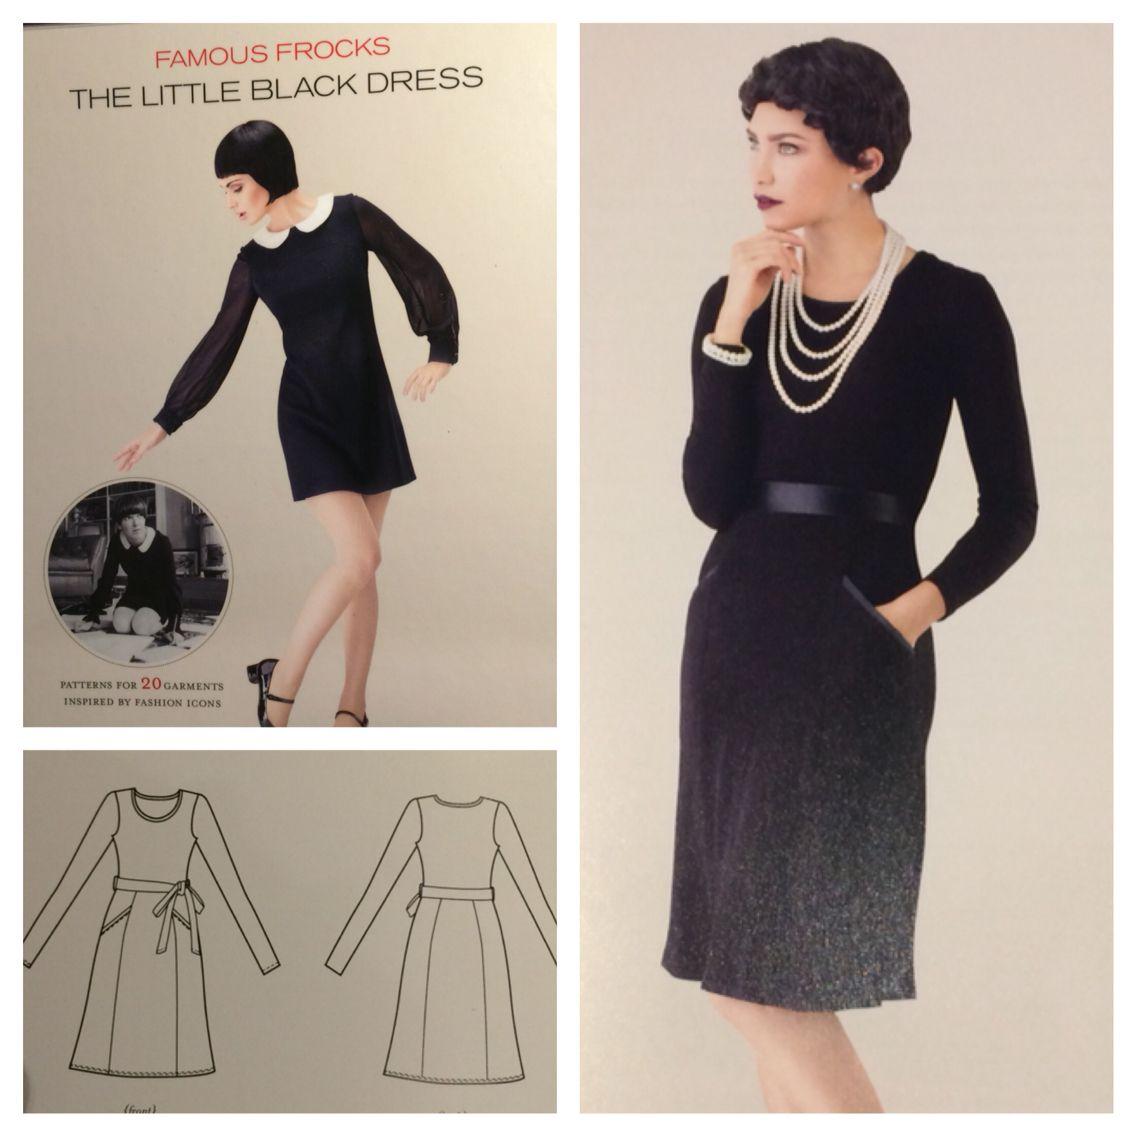 Coco Chanel Från Famous Frocks Little Black Dress. Har